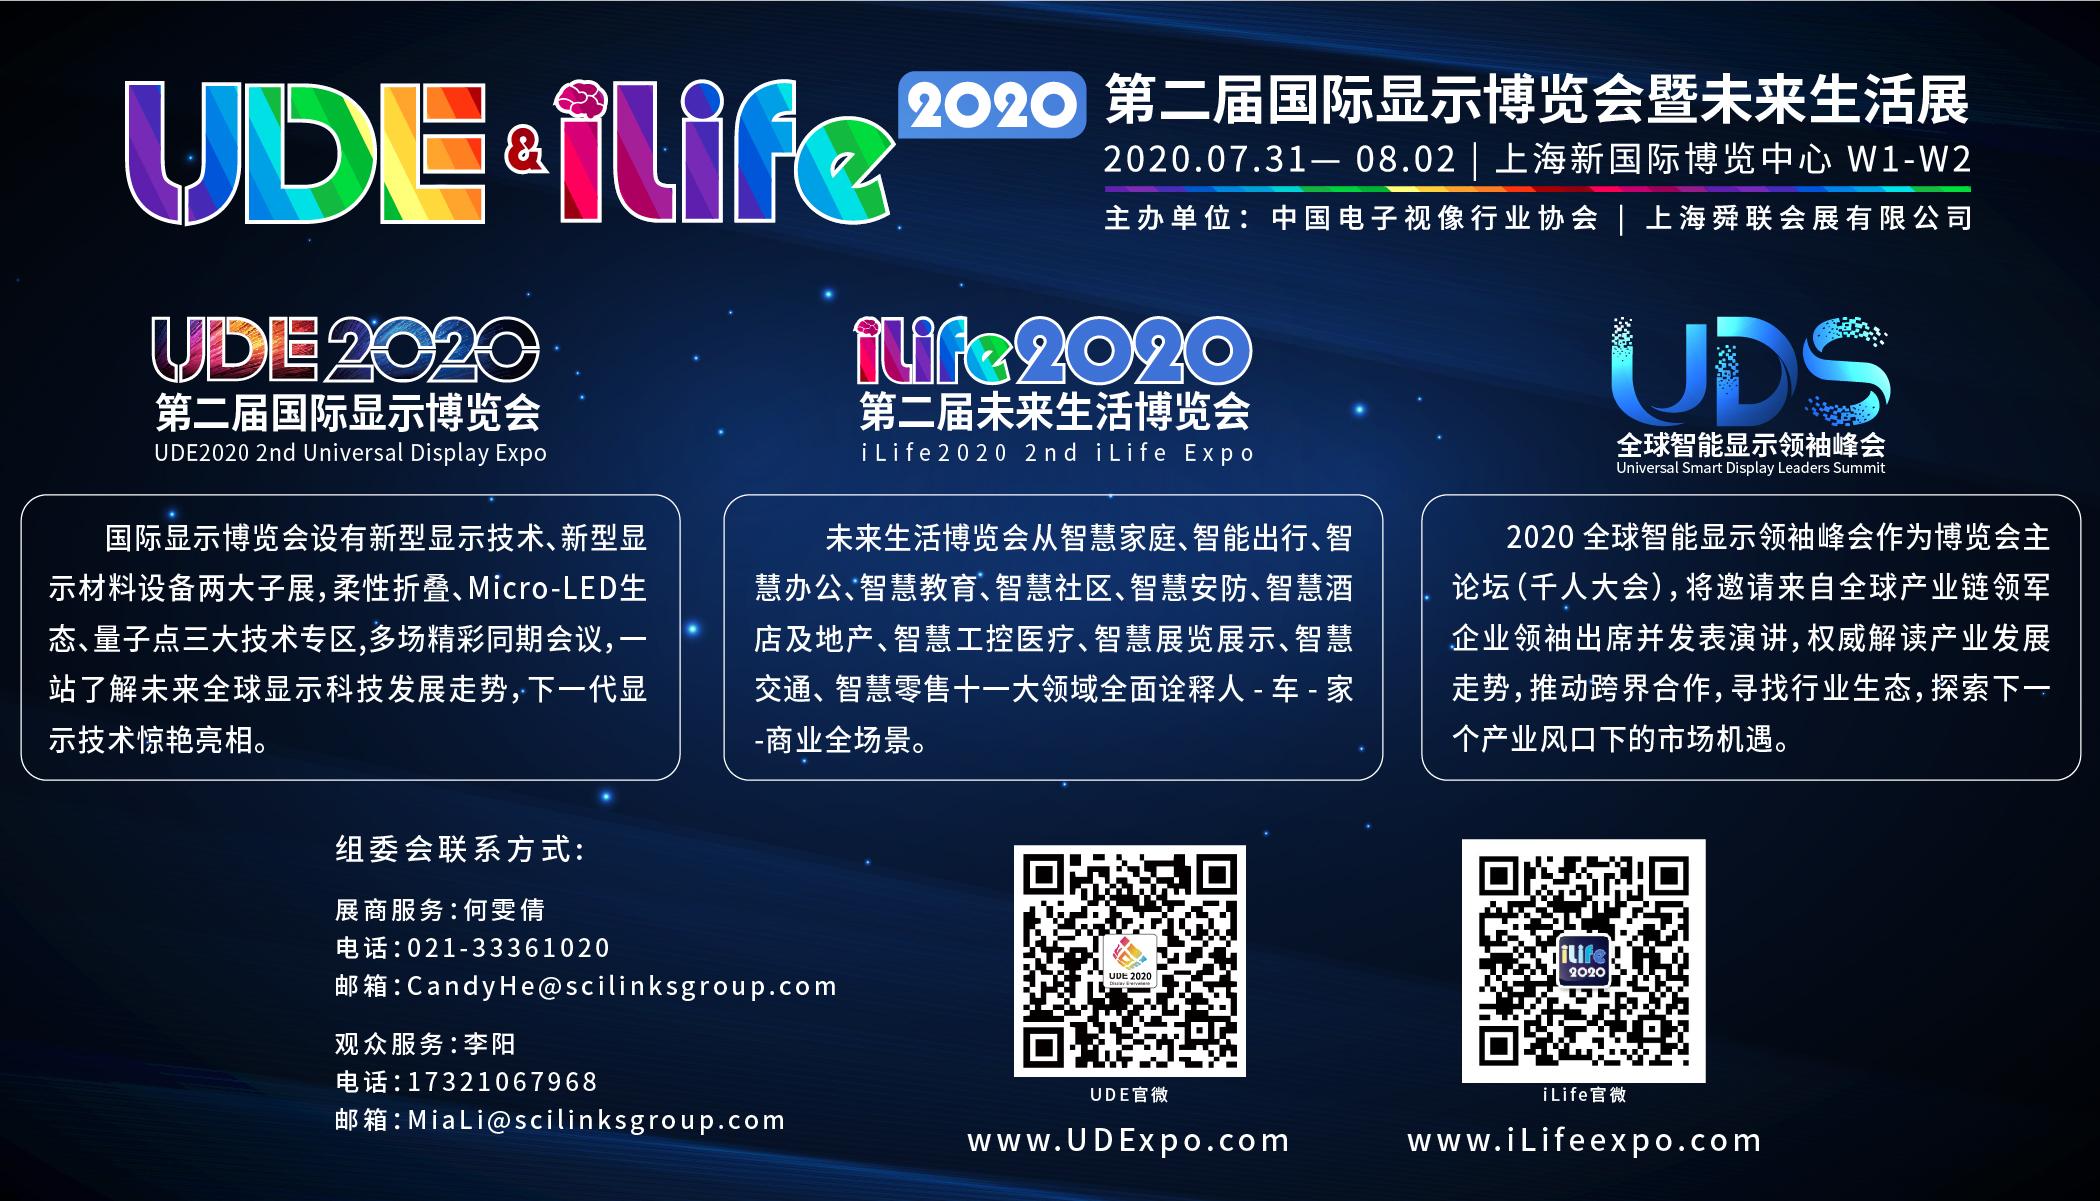 TCL 携最强产品阵营参加2020国际显示博览会!